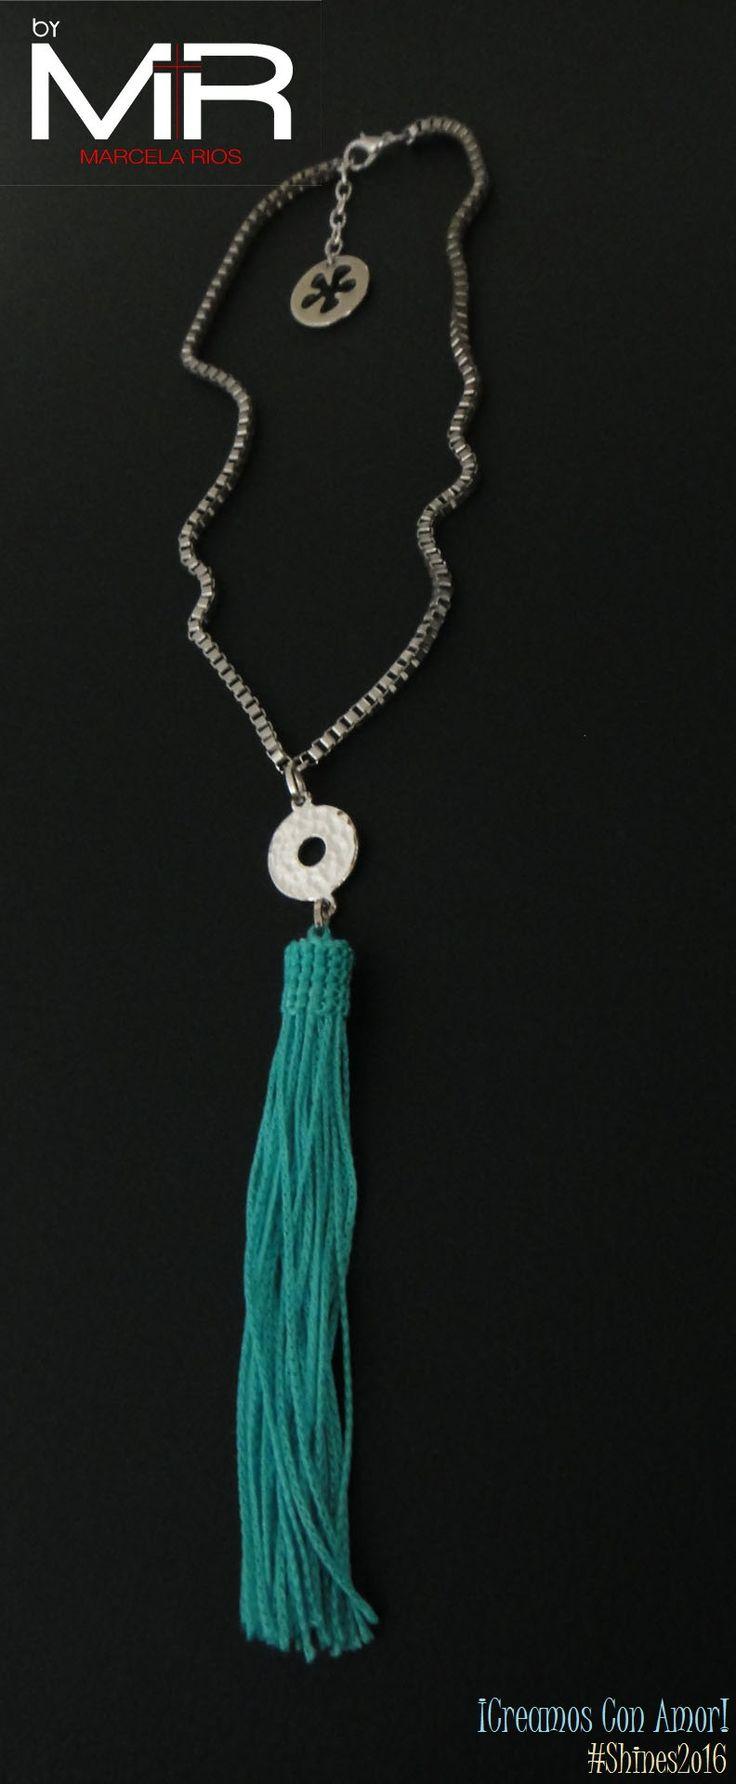 Línea: Shines2o16 Ref: VOO8 Cop:$28.ooo Descripción: Collar tipo gargantilla, hecho con cadena de cuadritos entrelazados plateada, adornada con una linda brooms color azul turquesa..  ¡Te encantará!  *Sujeto a disponibilidad.